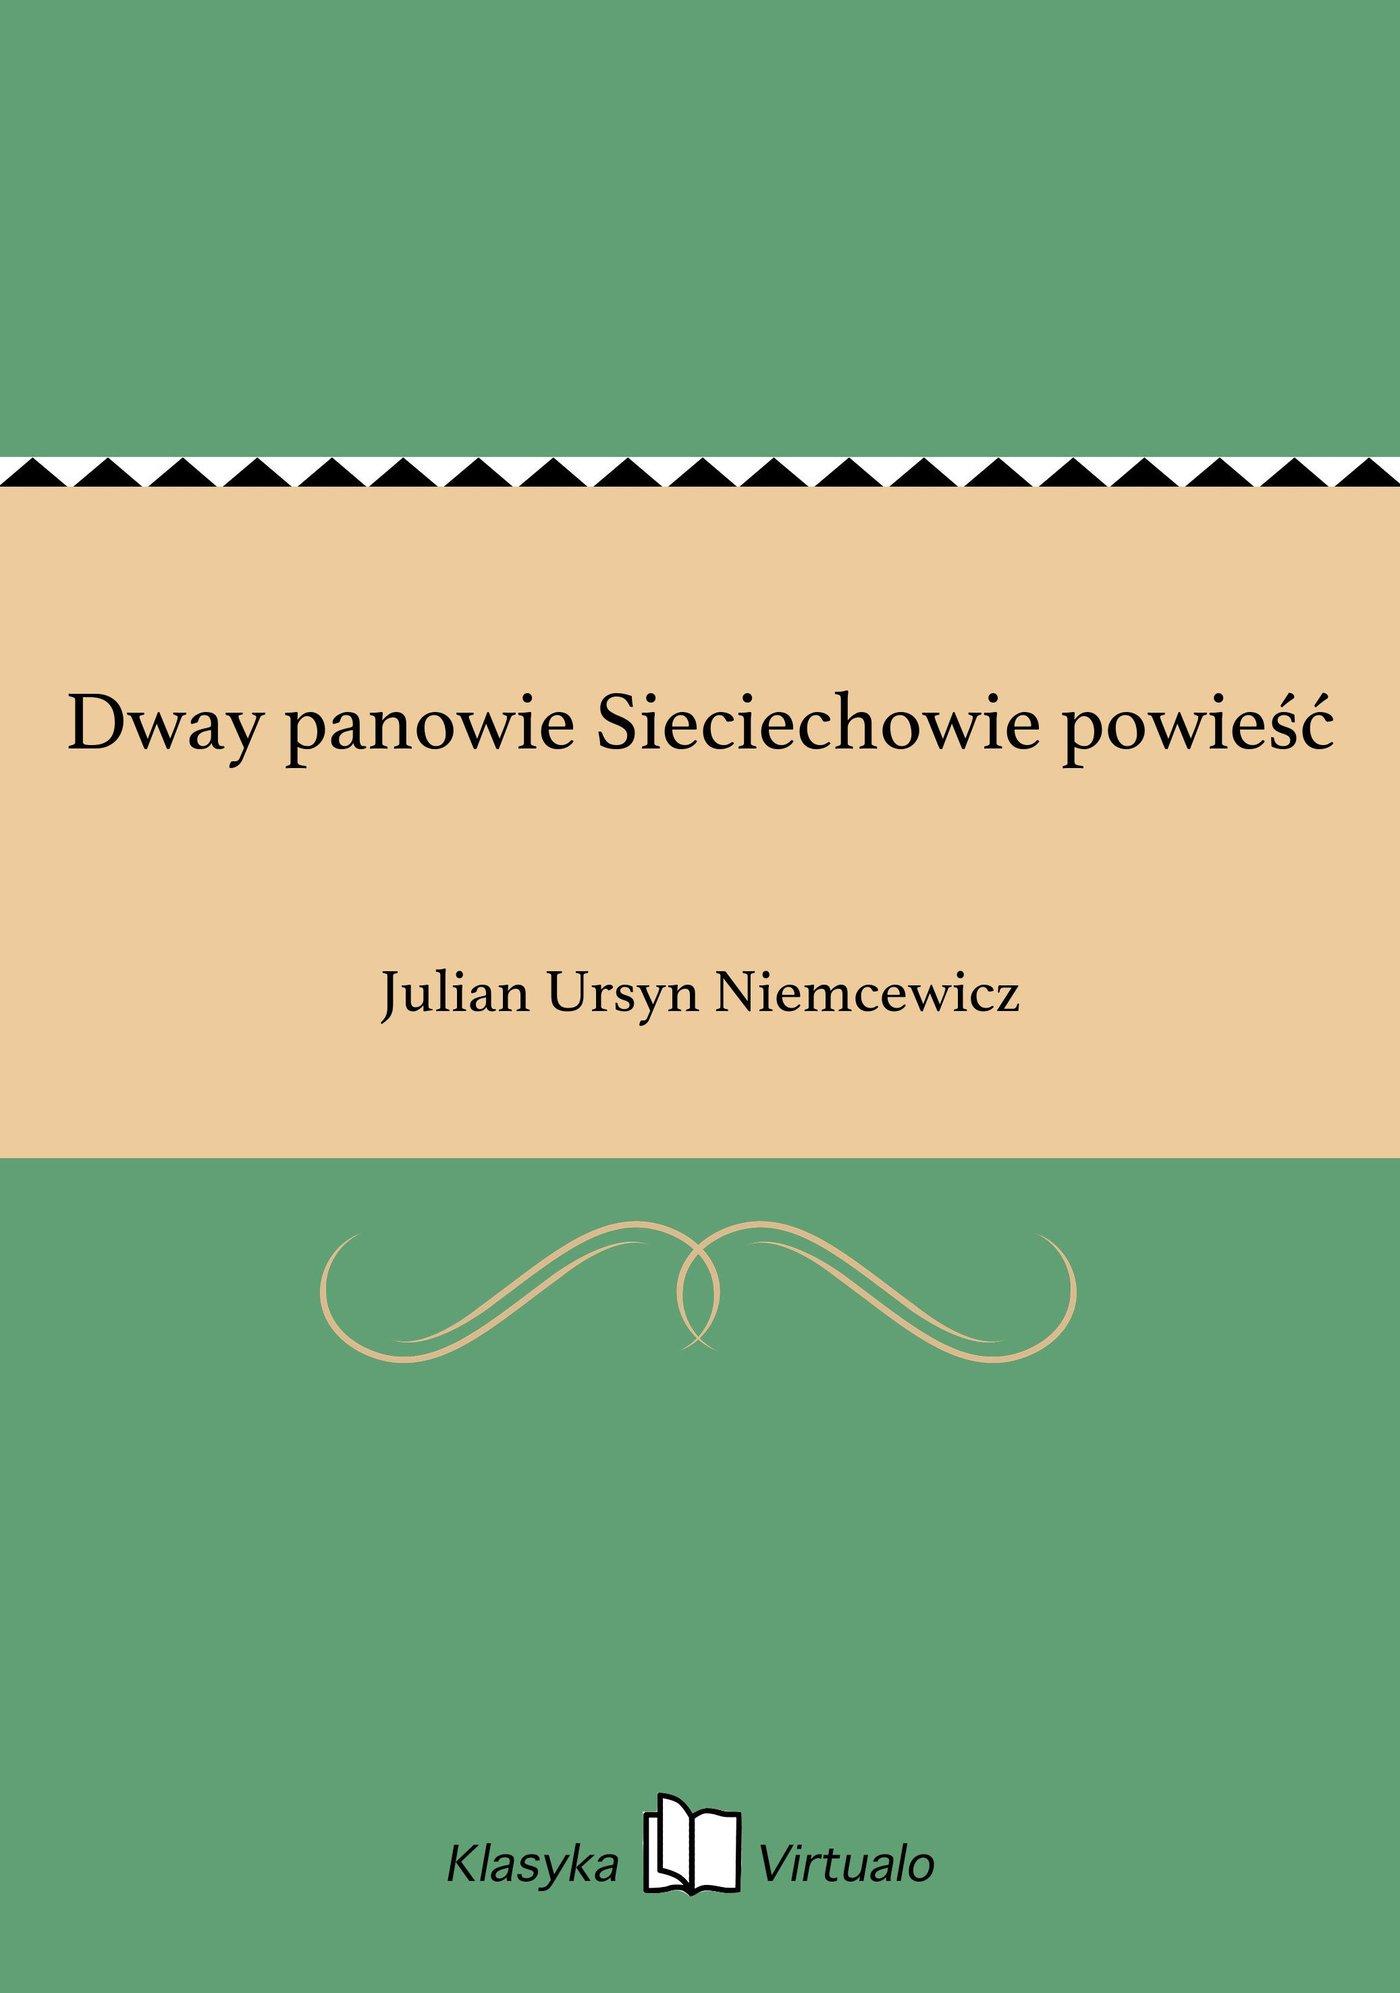 Dway panowie Sieciechowie powieść - Ebook (Książka na Kindle) do pobrania w formacie MOBI